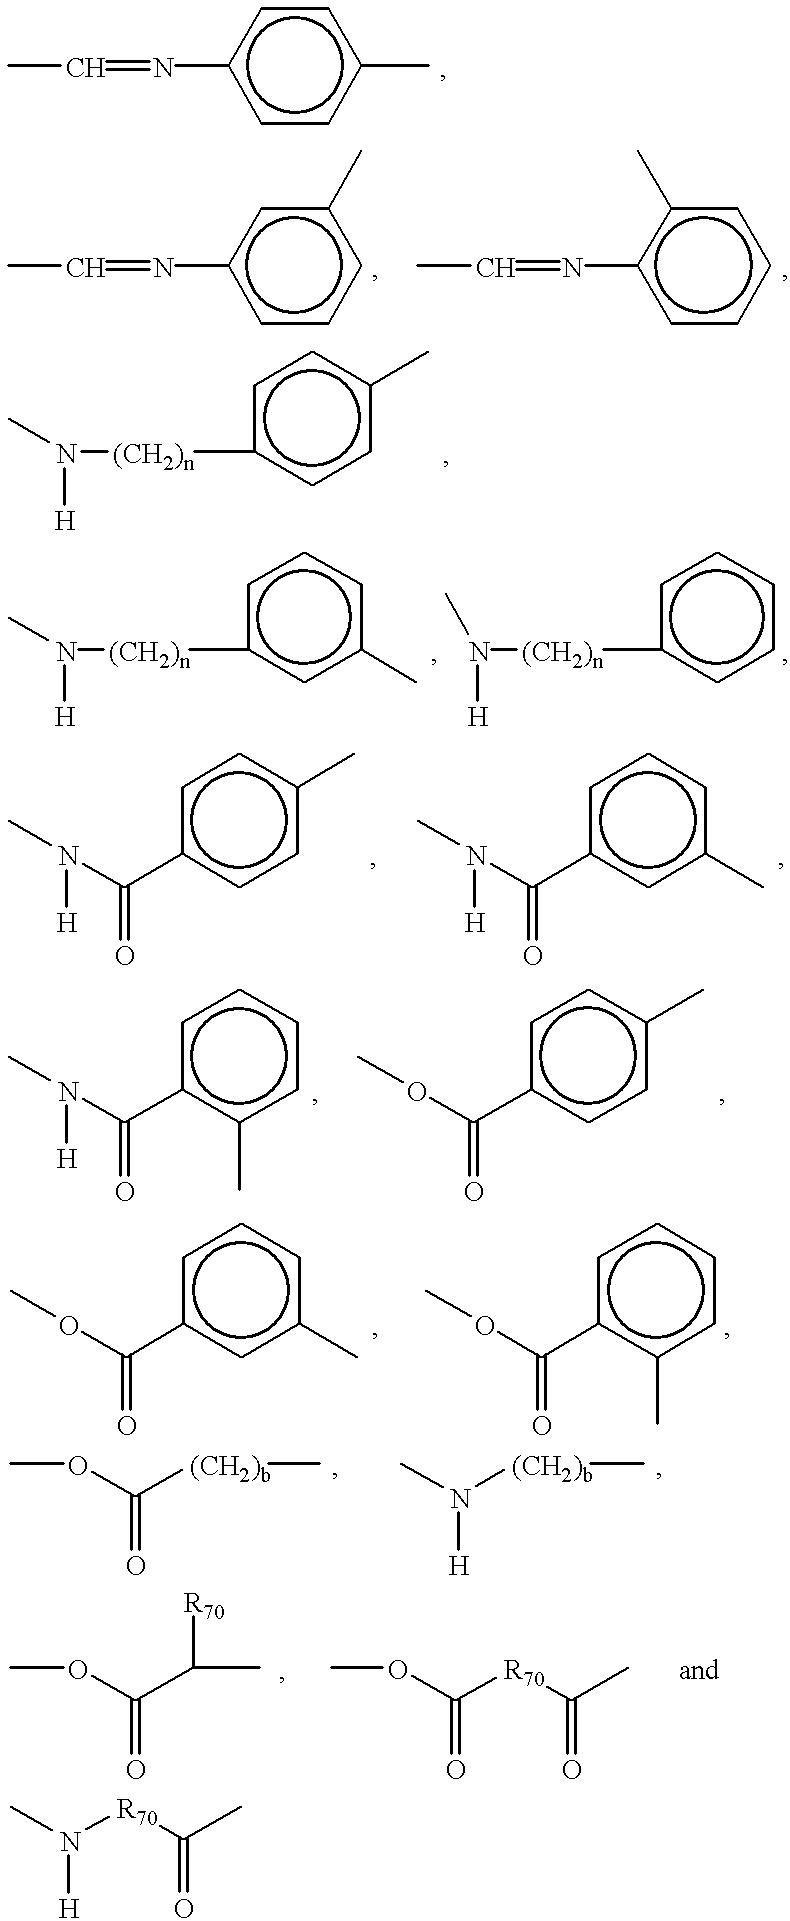 Figure US06207673-20010327-C00007